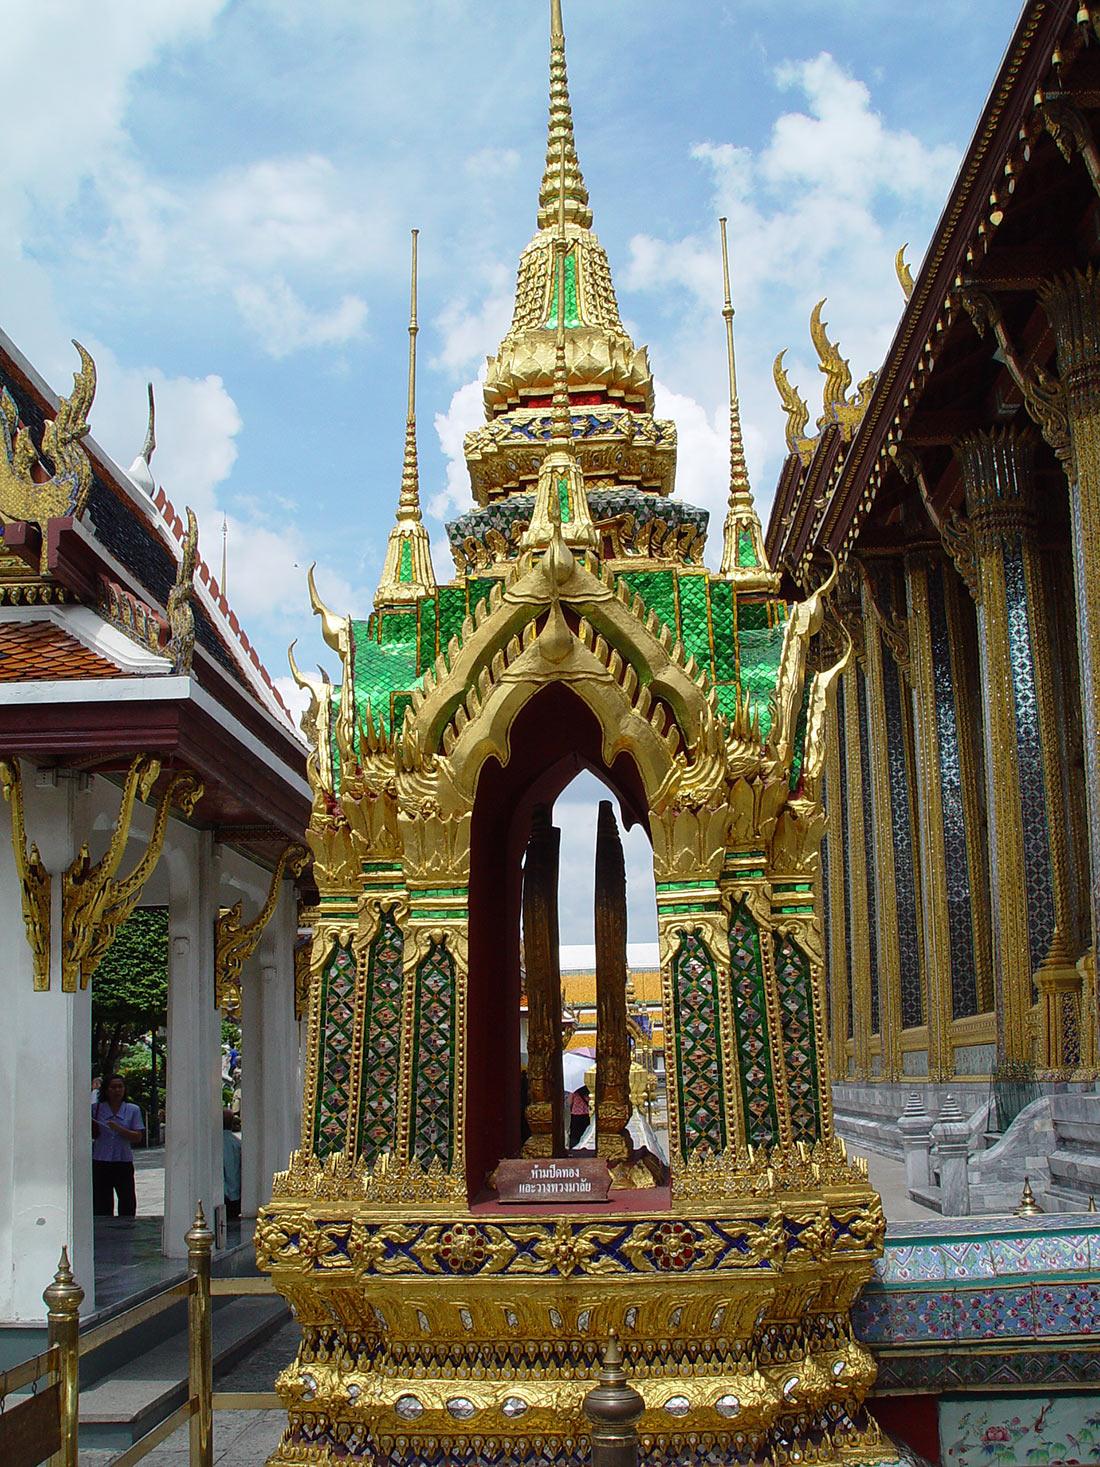 Grand palace in Bangkok